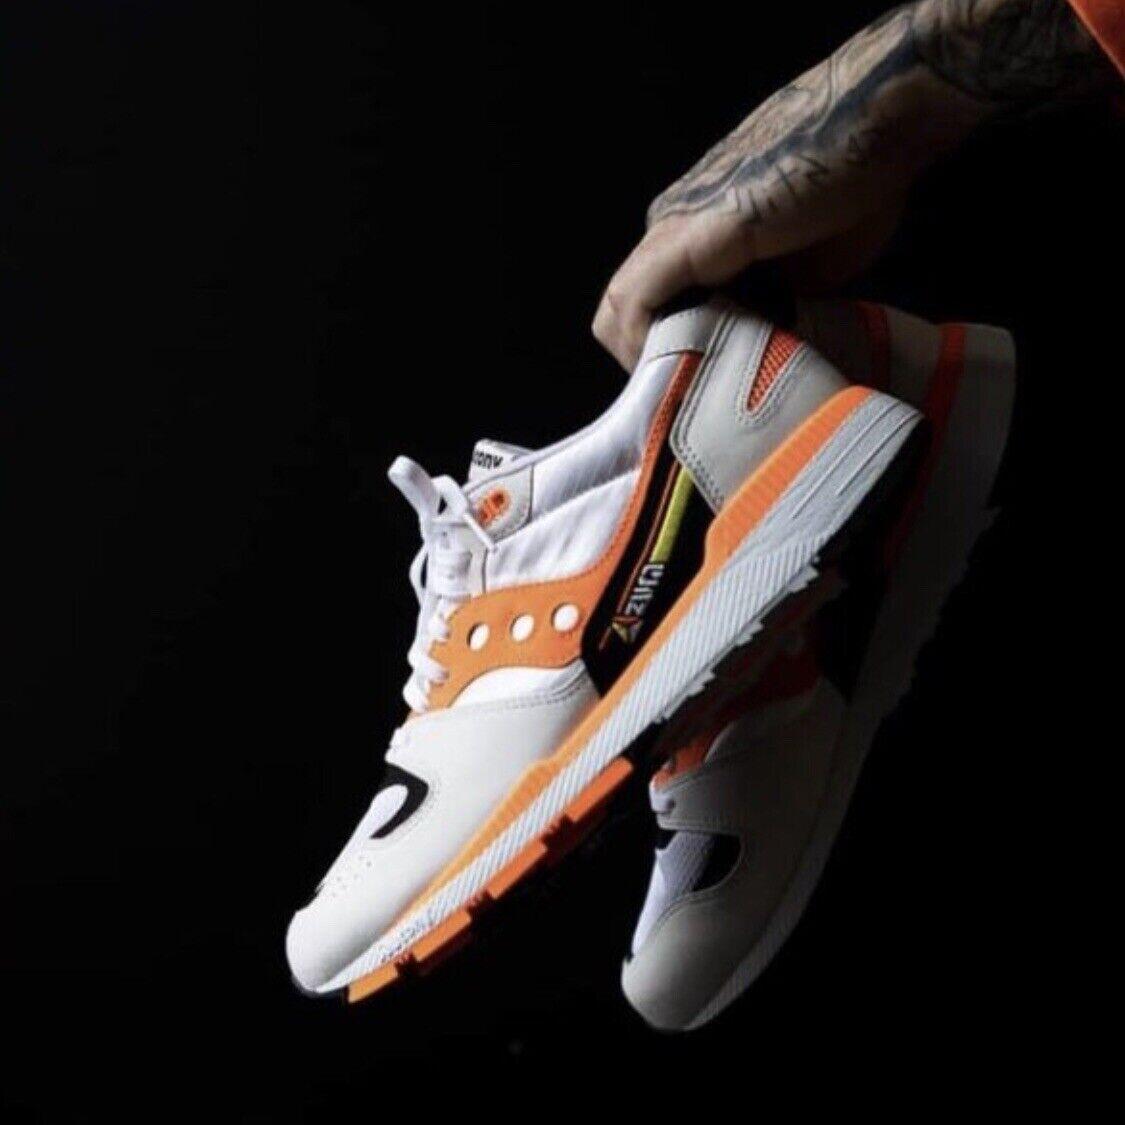 Saucony Azura Limited Edition scarpe da ginnastica Men 65533s  (S70537 -2)  migliore qualità